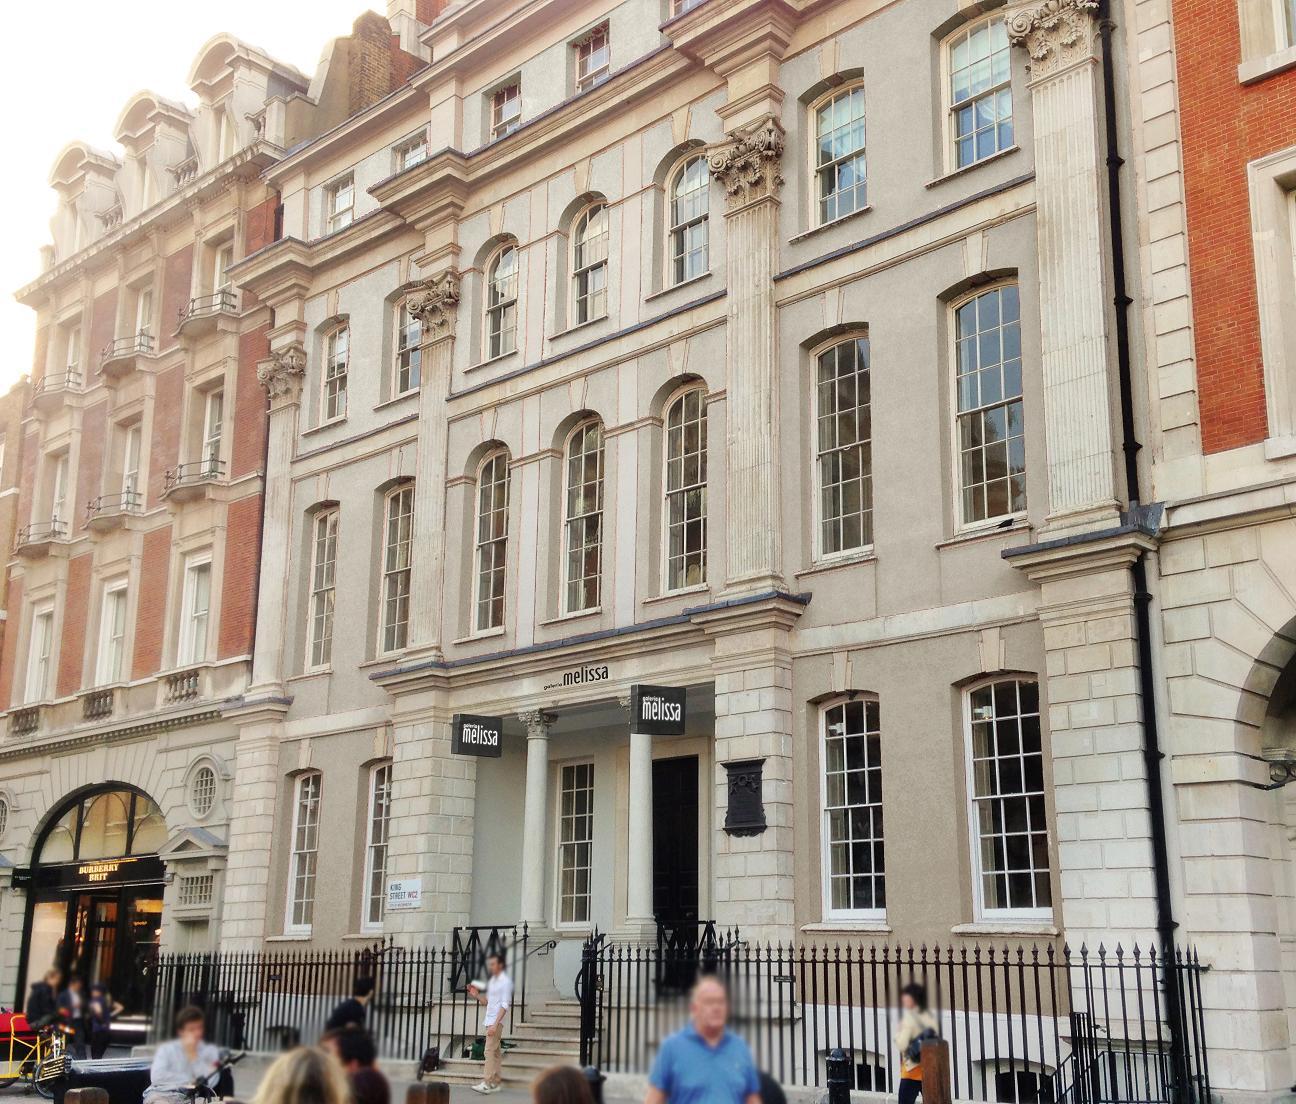 Fachada do prédio que vai abrigar a nova Galeria Melissa Londres ©Divulgação